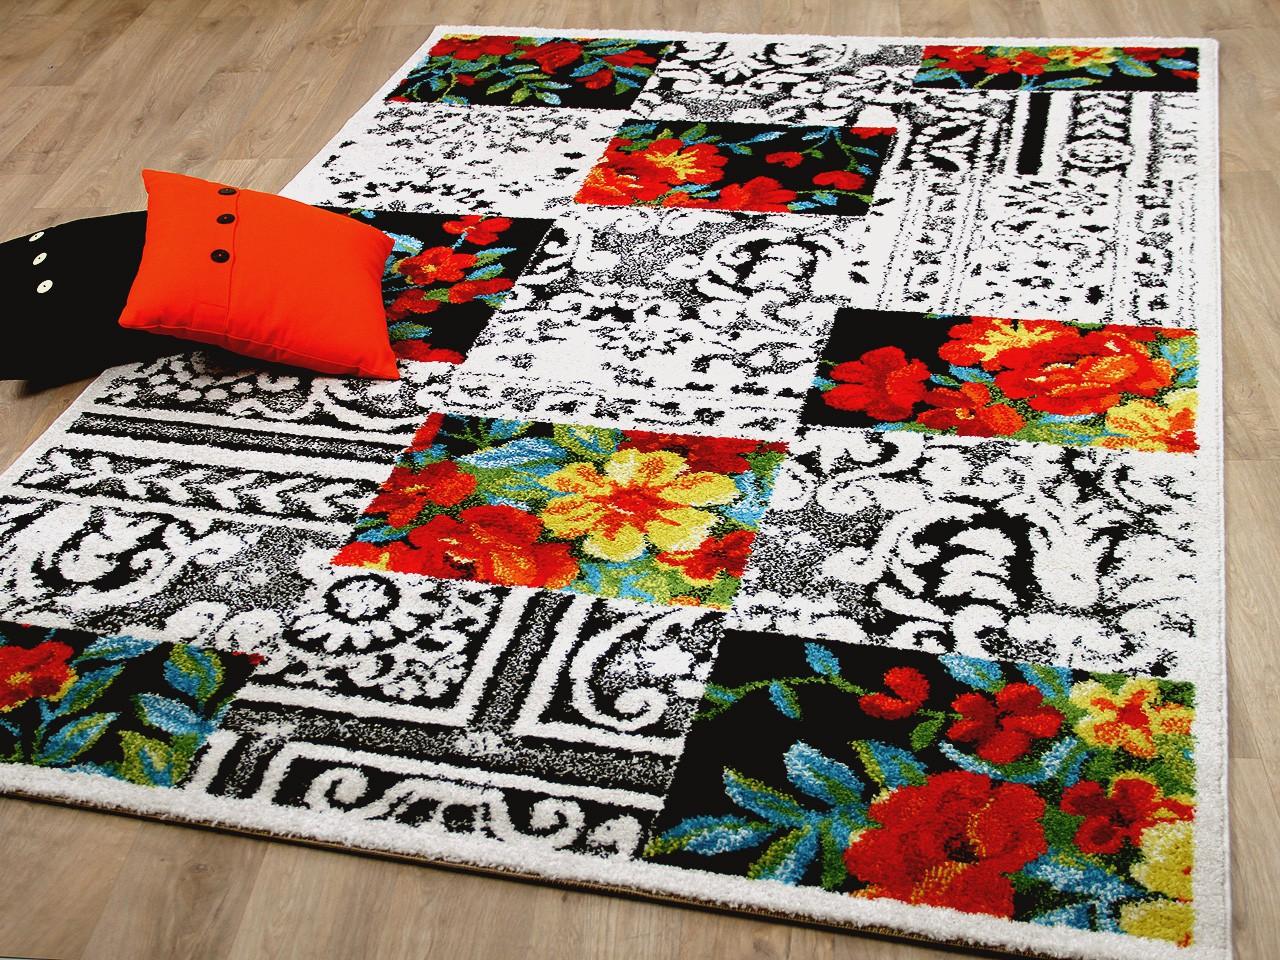 designer teppich funky blumen karo bunt teppiche designerteppiche funky teppiche. Black Bedroom Furniture Sets. Home Design Ideas